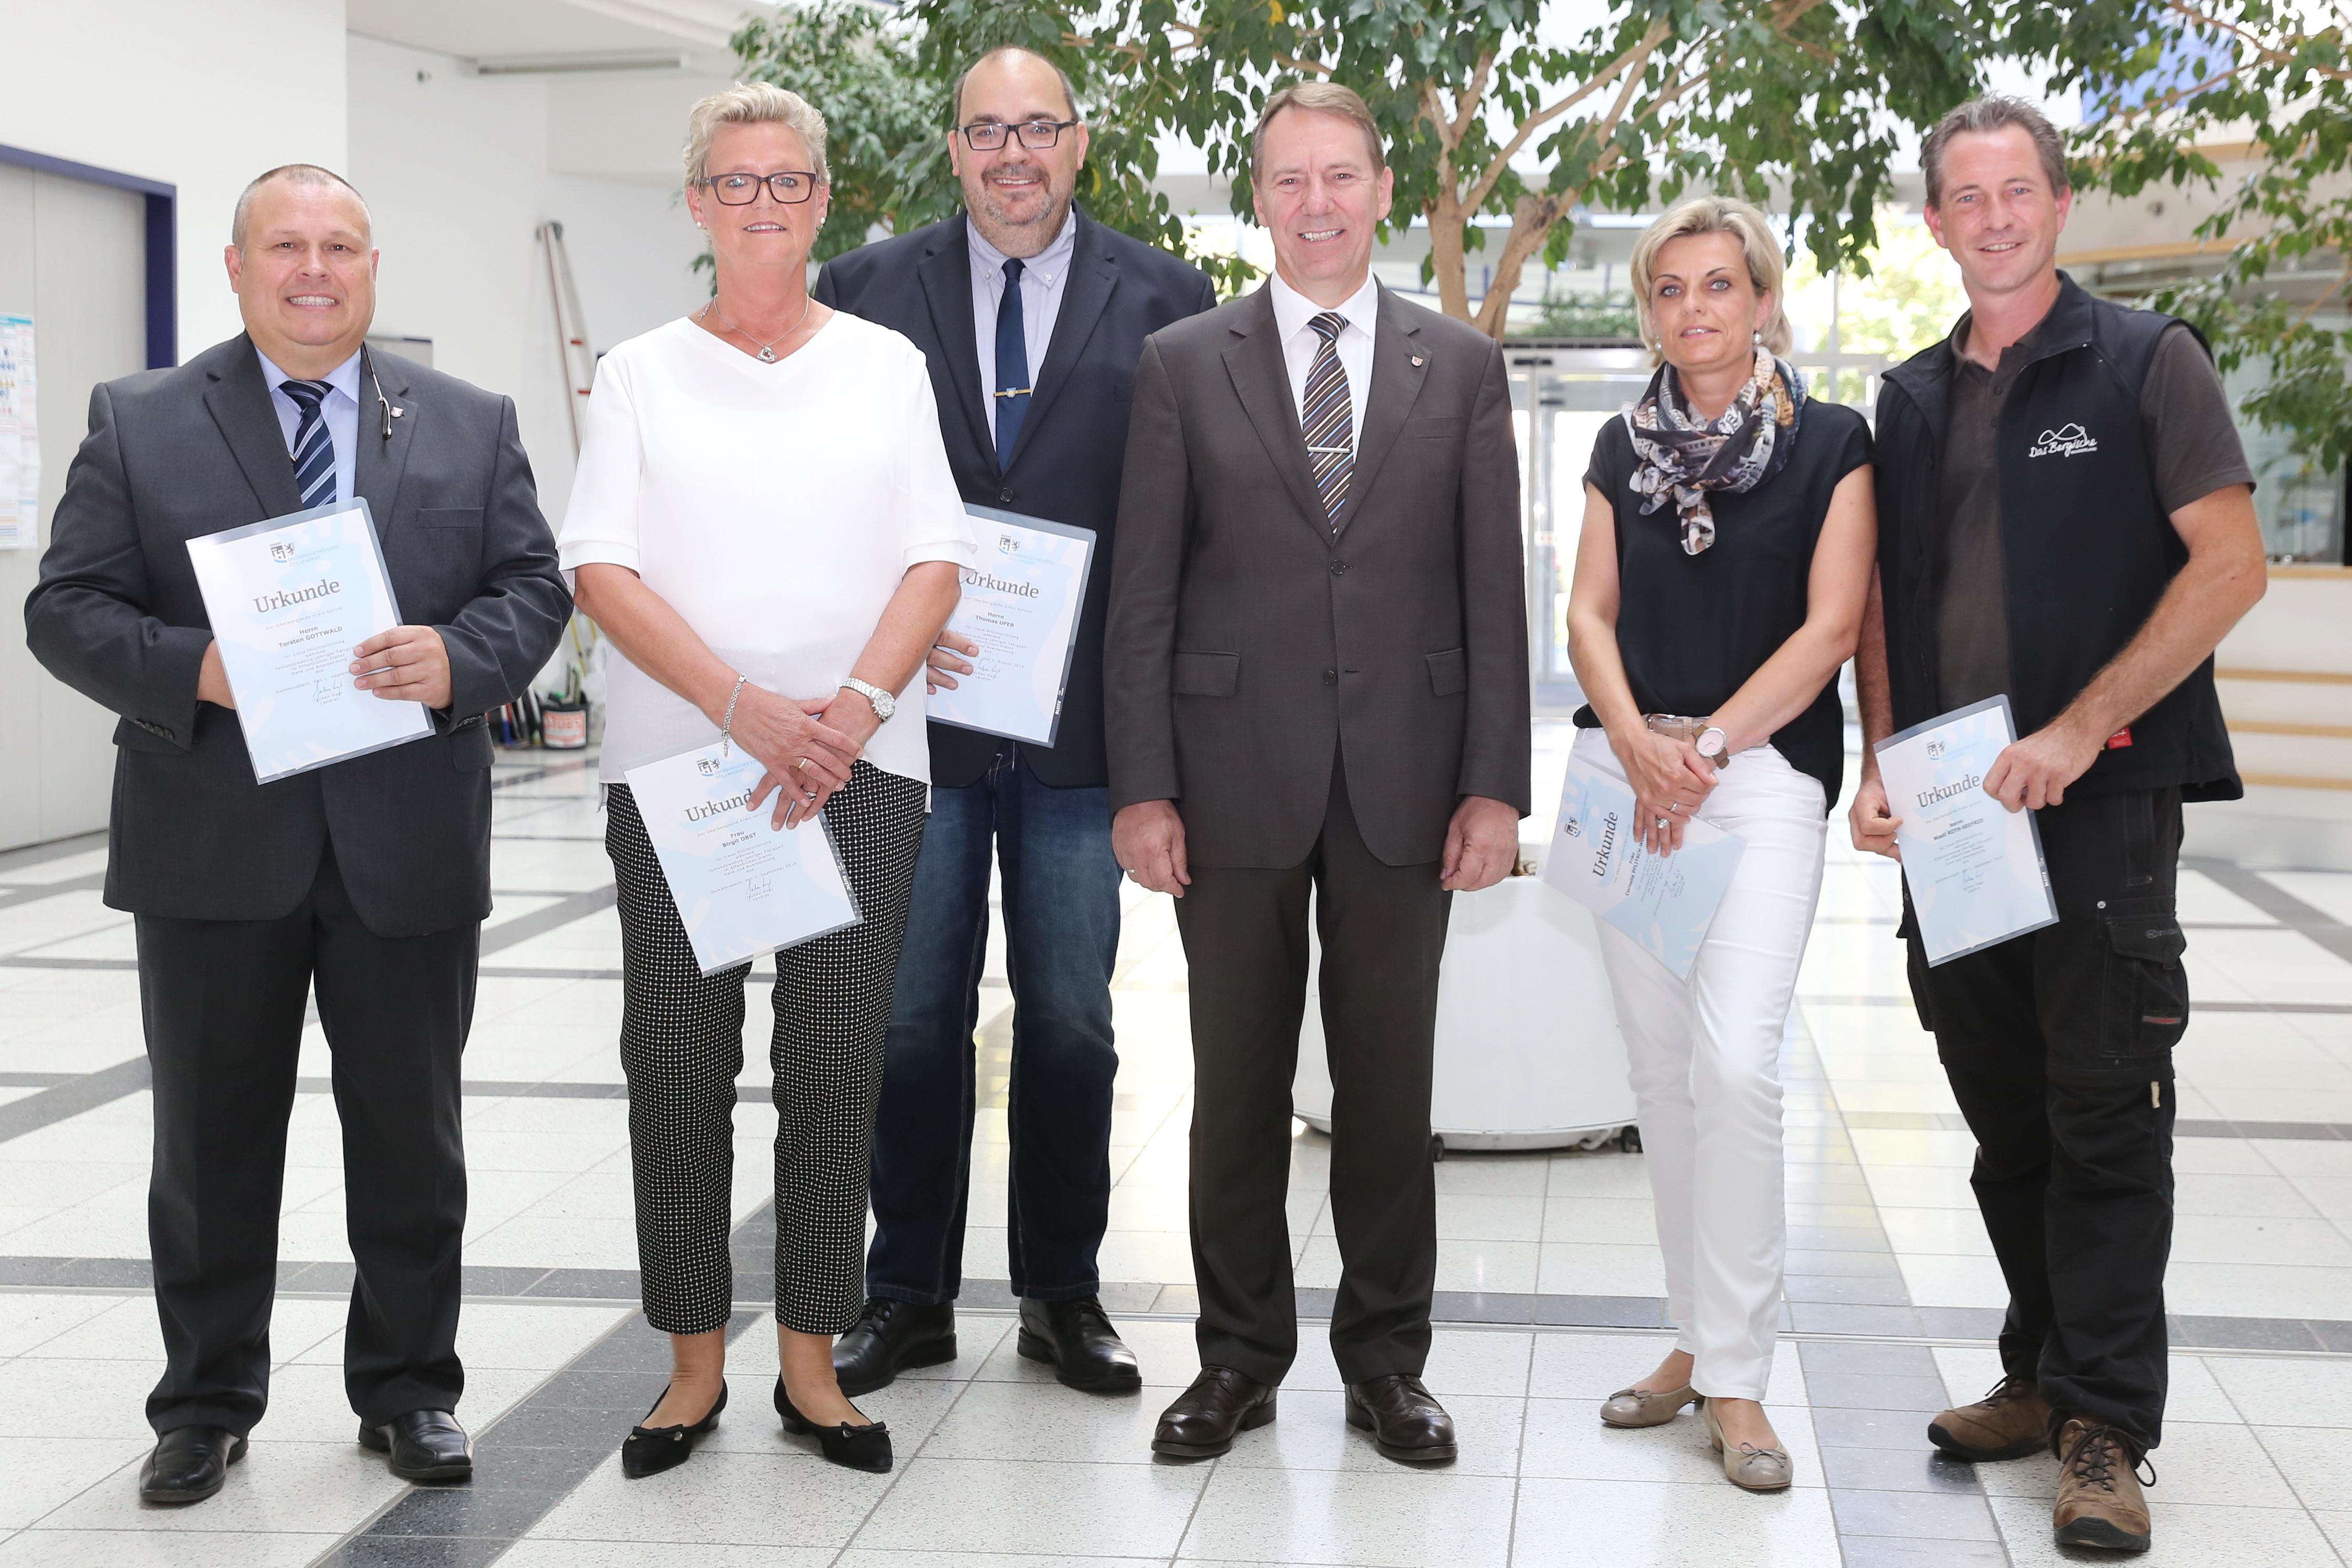 Oberbergischer Kreis: 125 Jahre Kreisverwaltung - Landrat Jochen ...